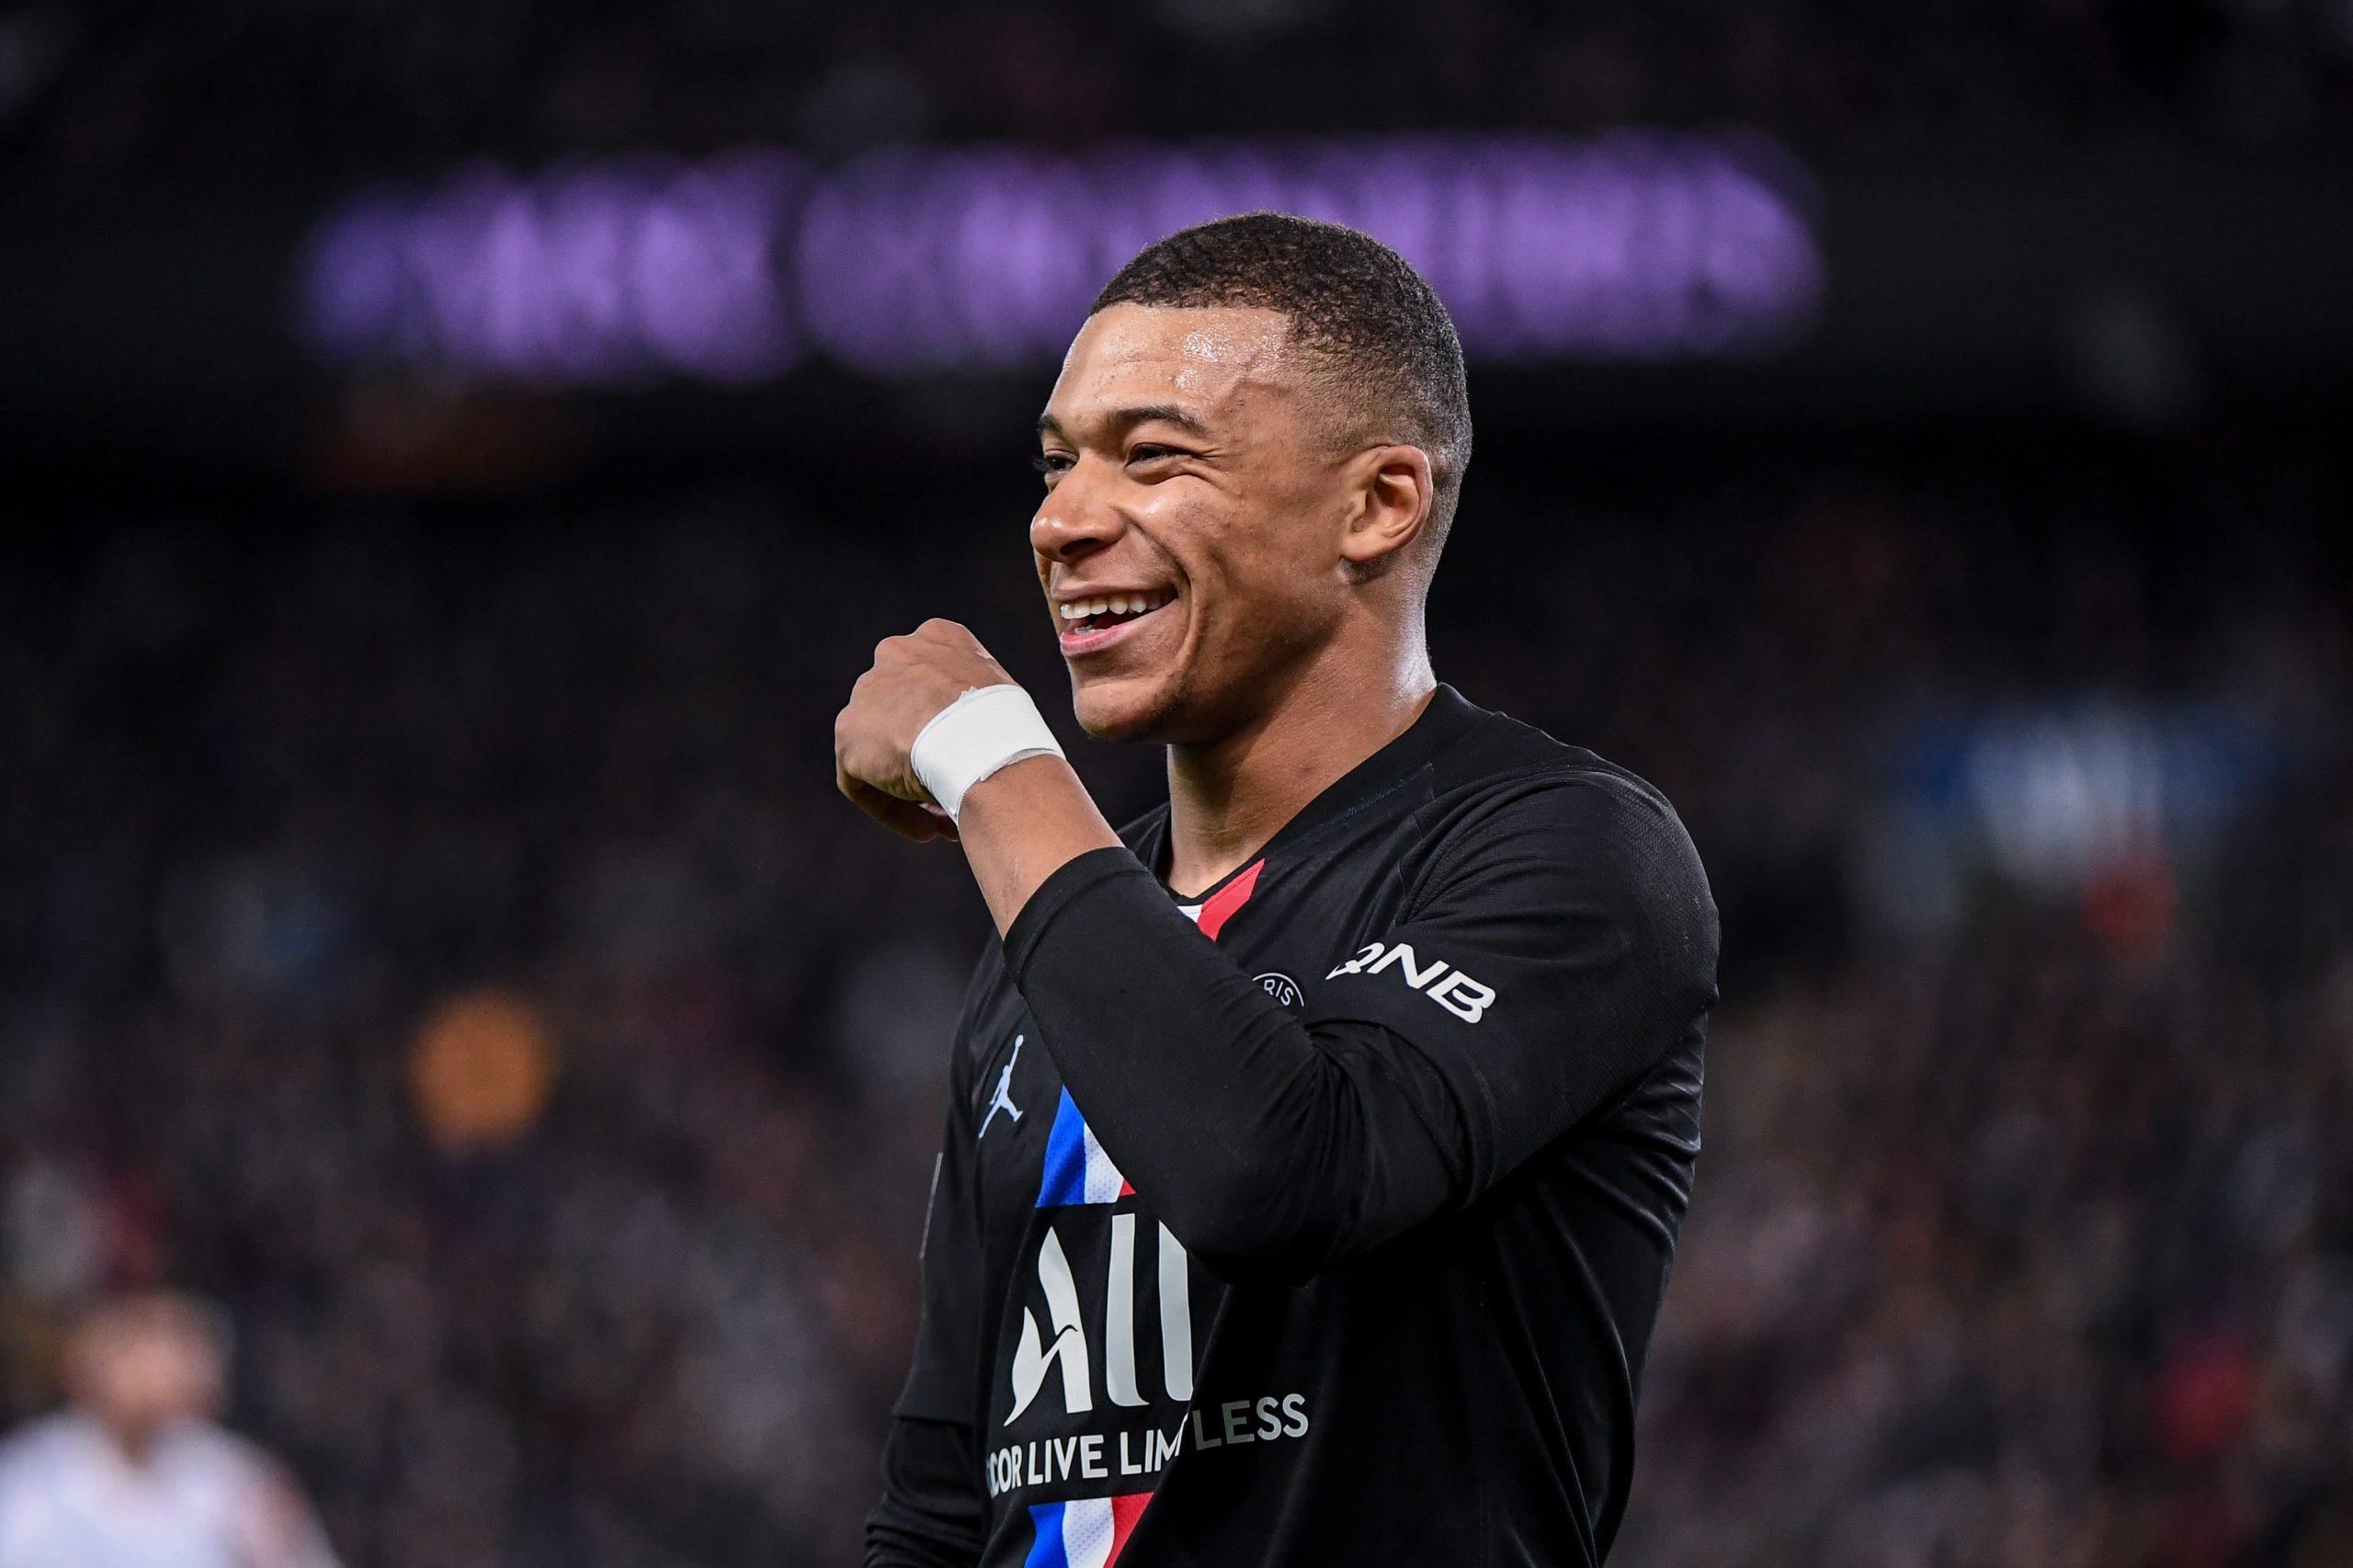 """Ménès souligne que Mbappé """"a tout le temps"""" pour aller au Real Madrid et évoque une prolongation"""